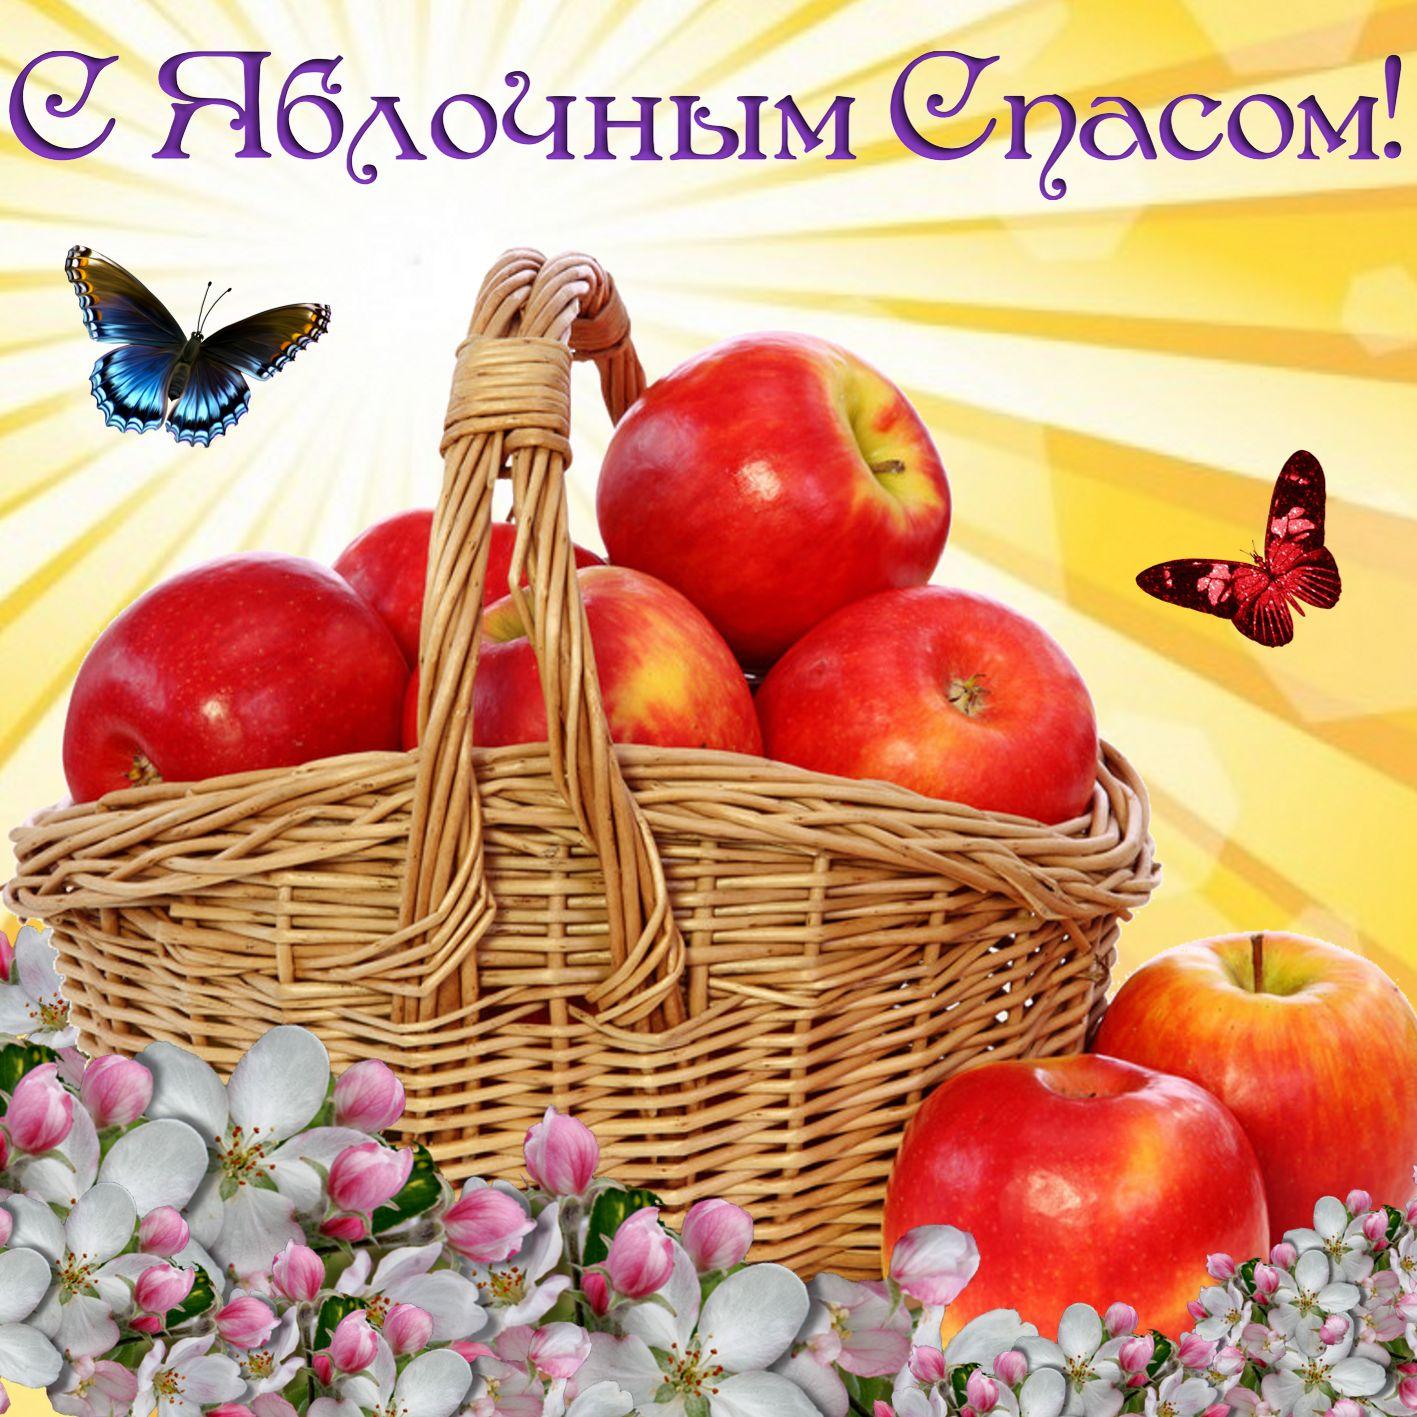 Открытка на Яблочный Спас - корзина с яблоками на ярком фоне